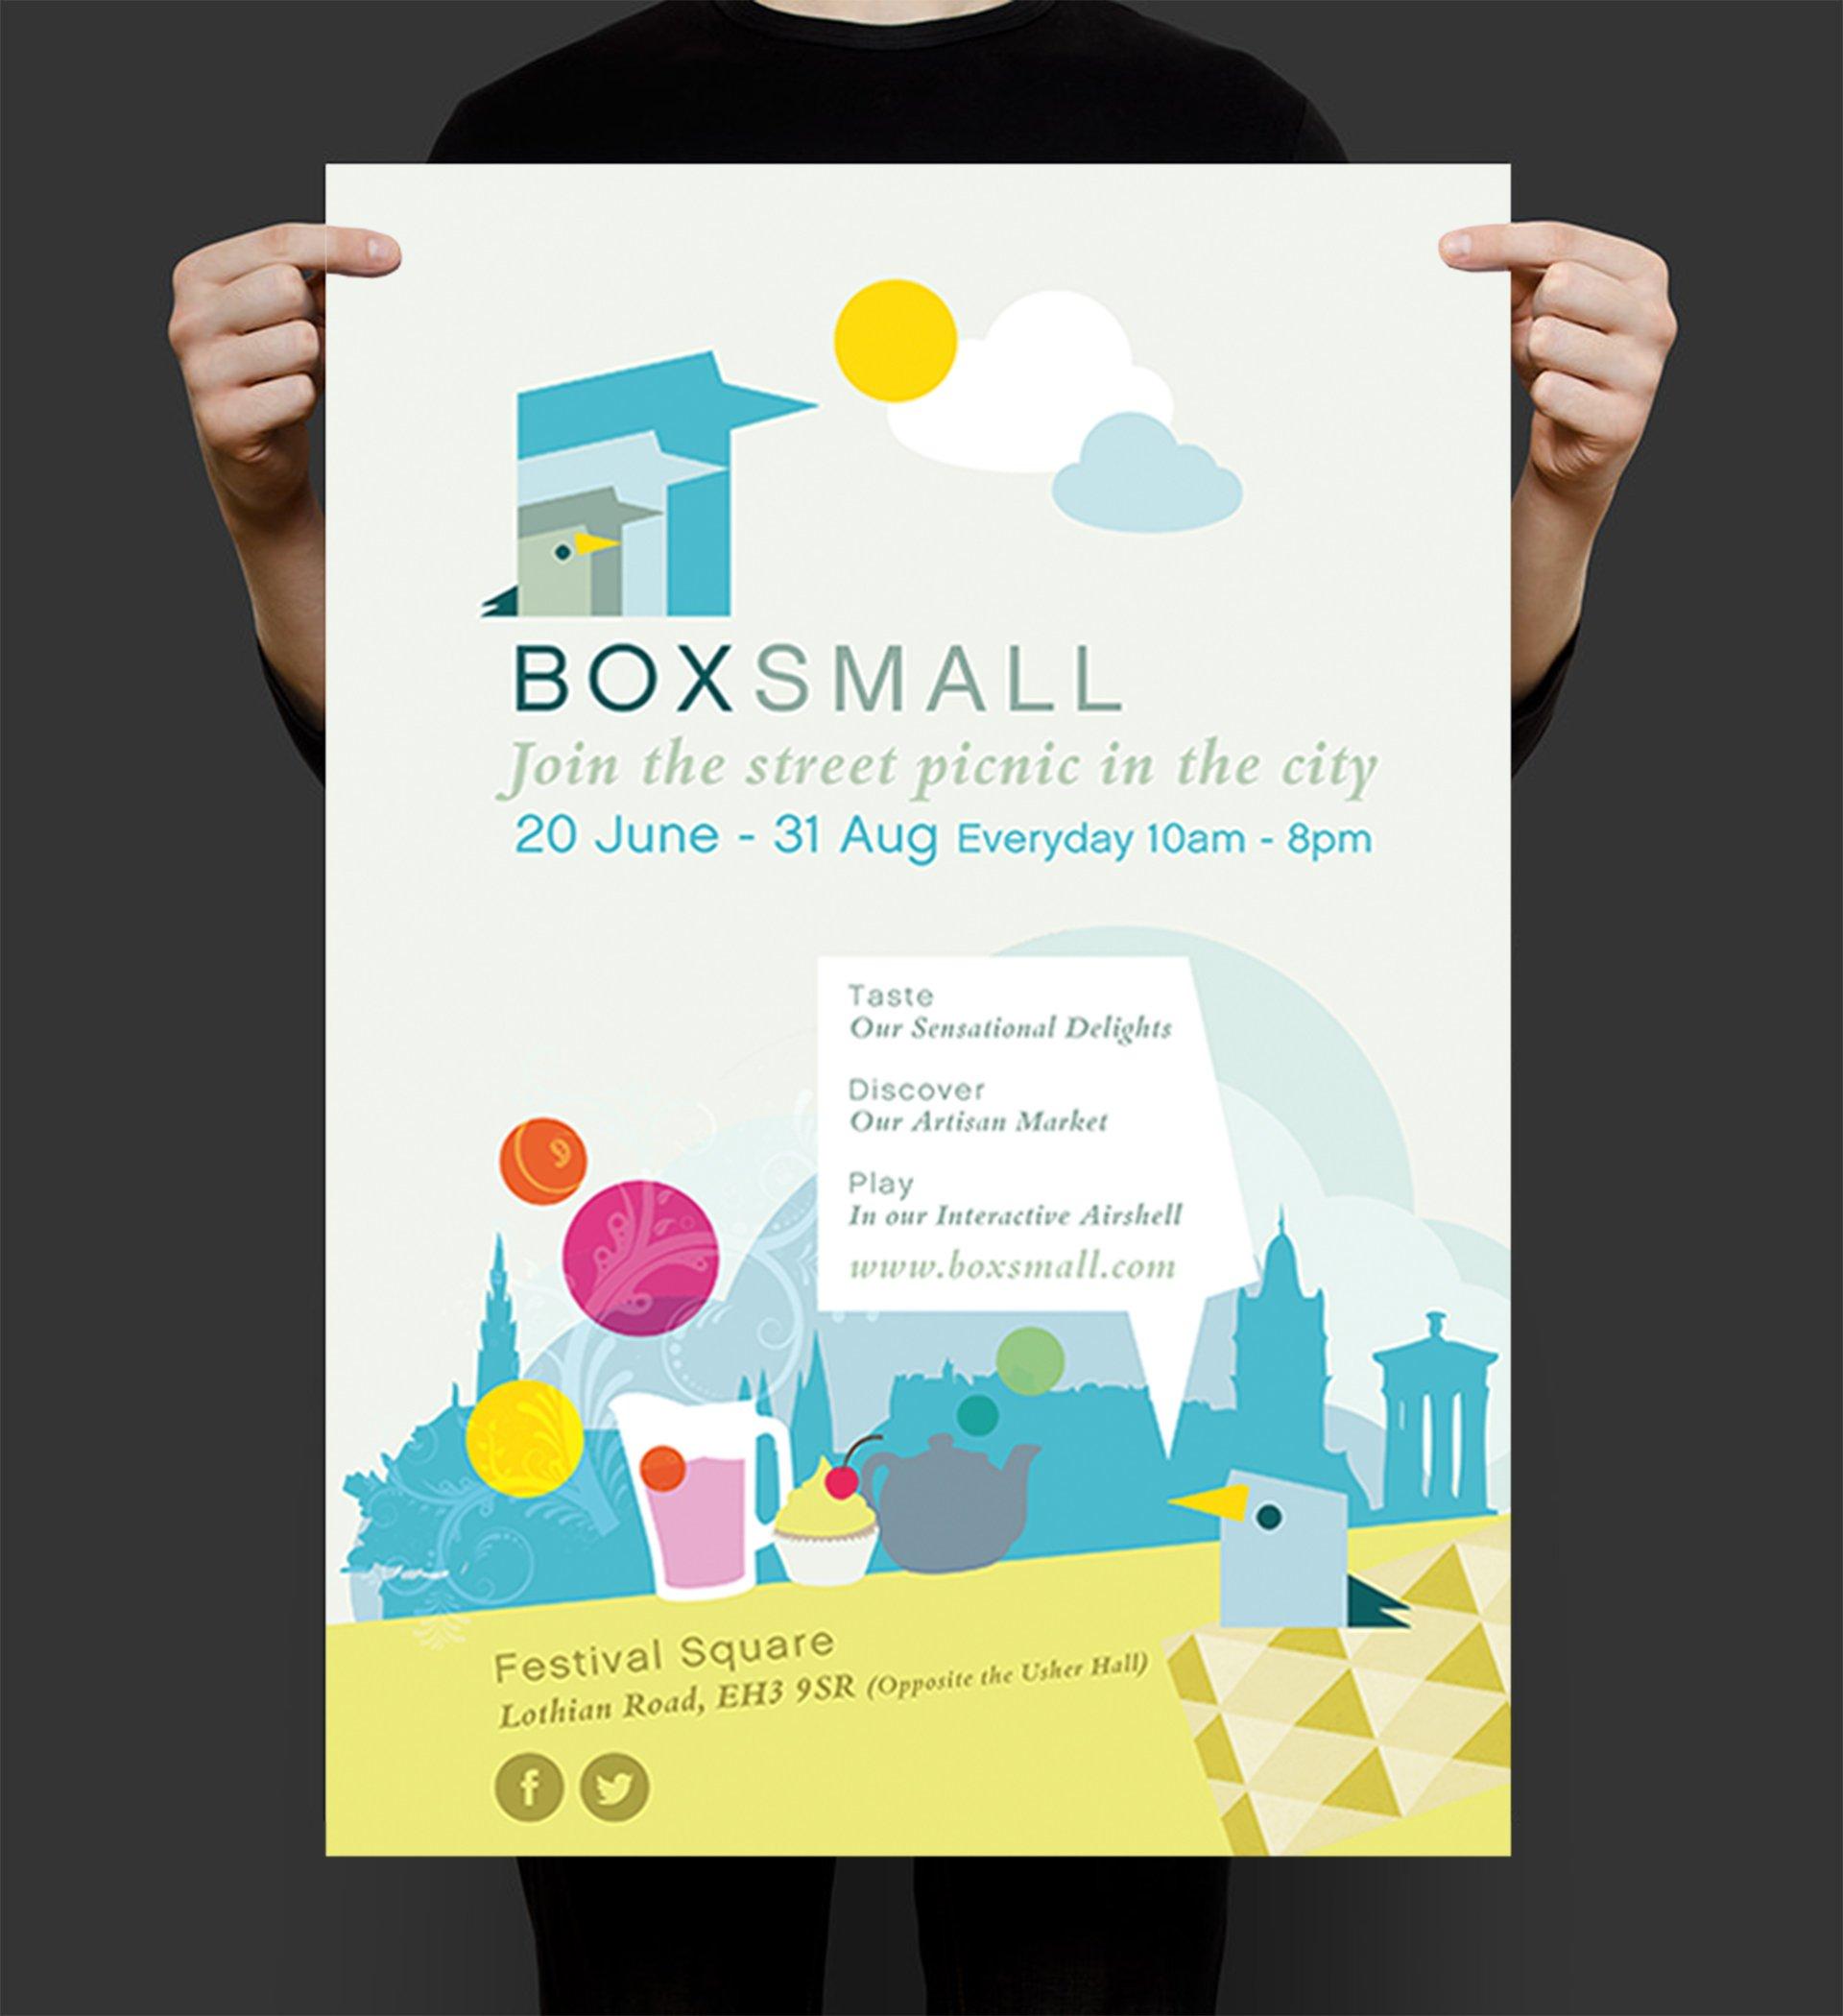 BoxSmall poster to market their 'Street Picnic' on Edinburgh Princes Street